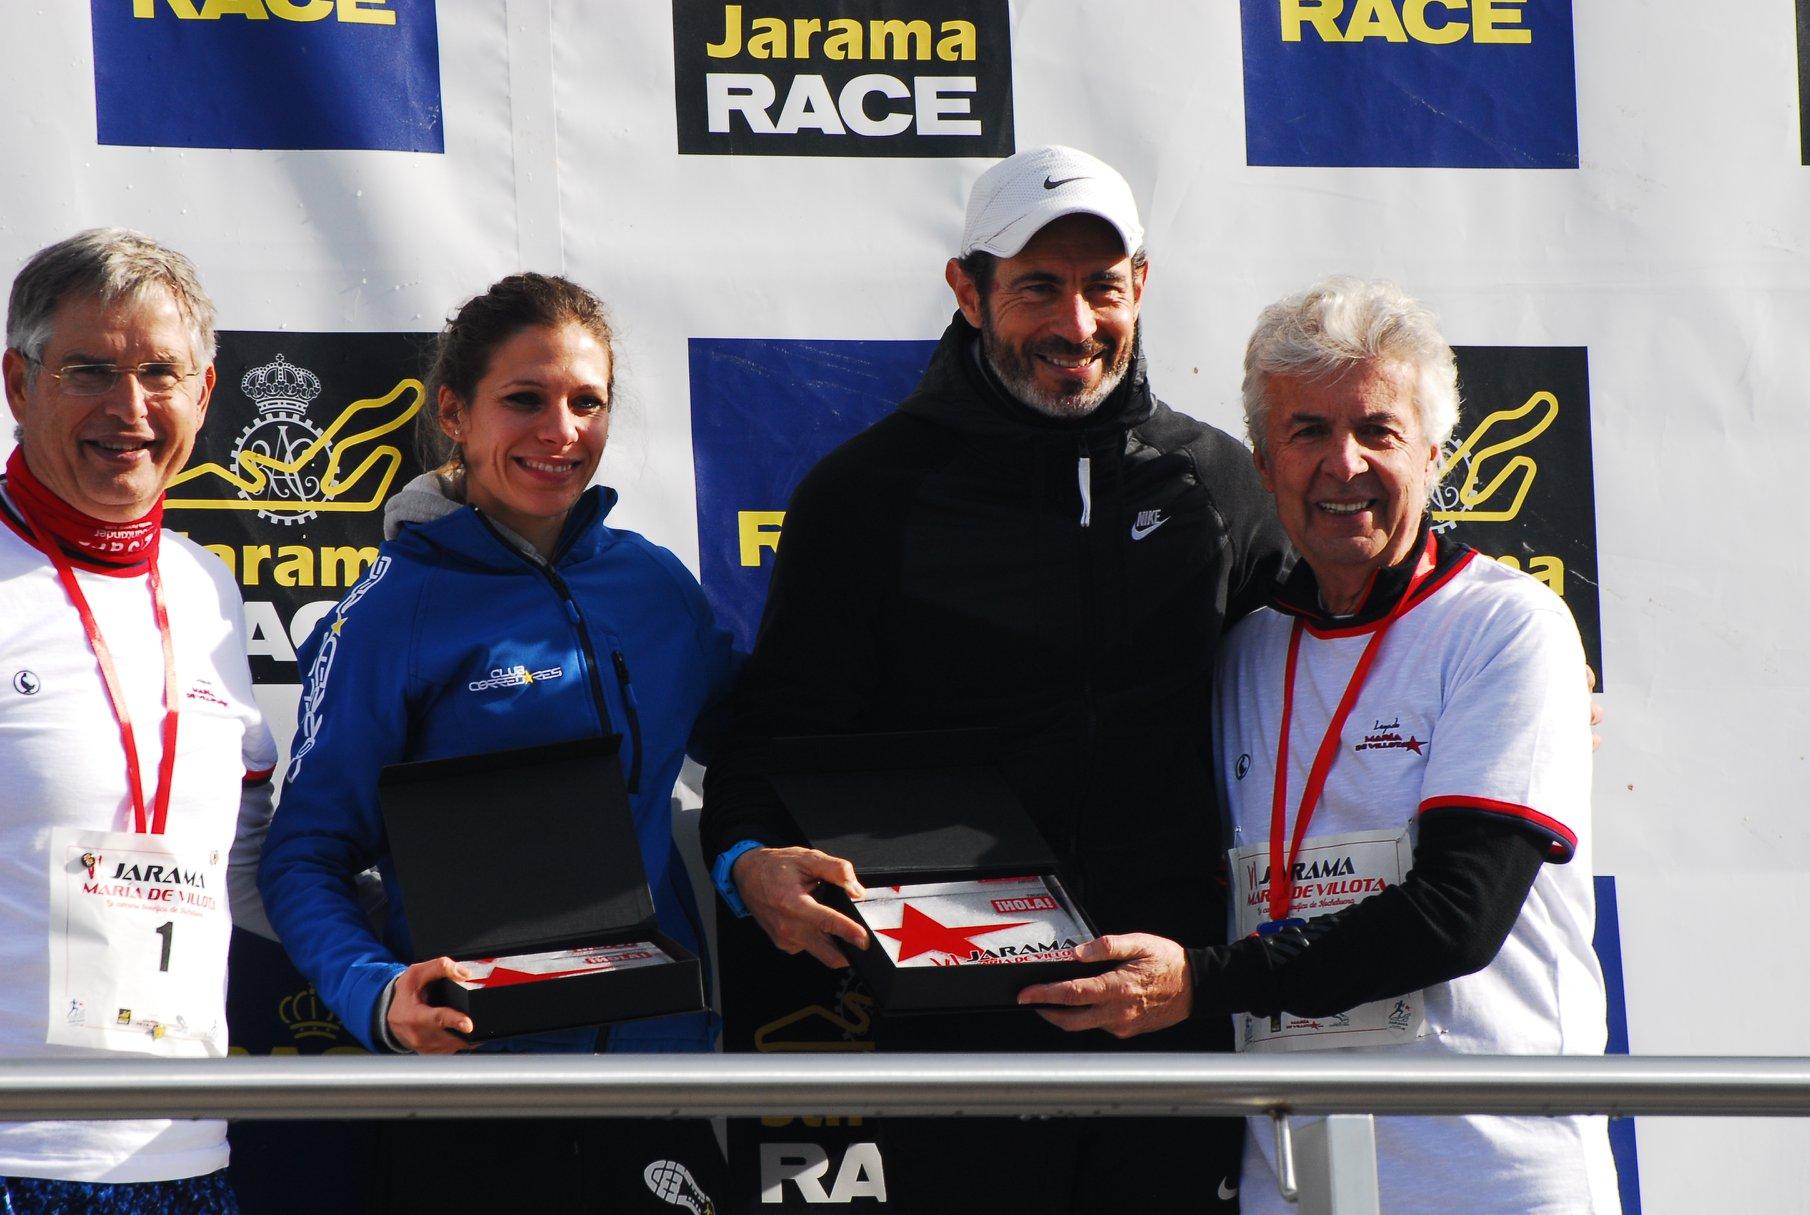 El Circuito del Jarama – RACE acogerá la séptima edición de la Jarama María de Villota